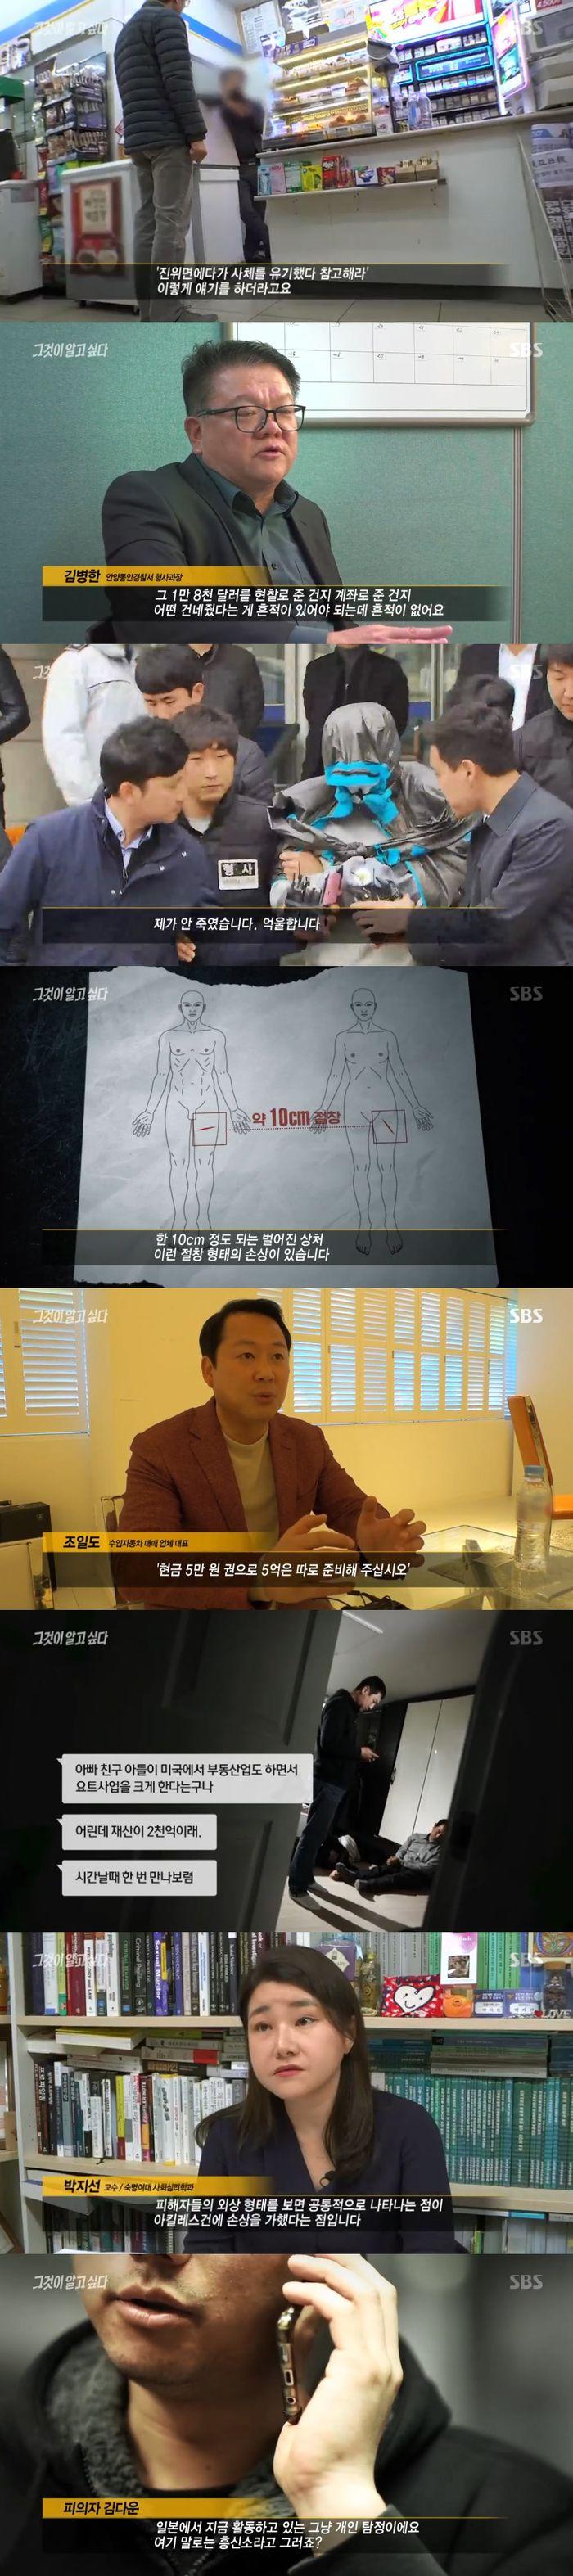 [스브스夜] '그것이 알고싶다' 김다운, 이희진 은닉재산 노렸나?…범행 시나리오 추적